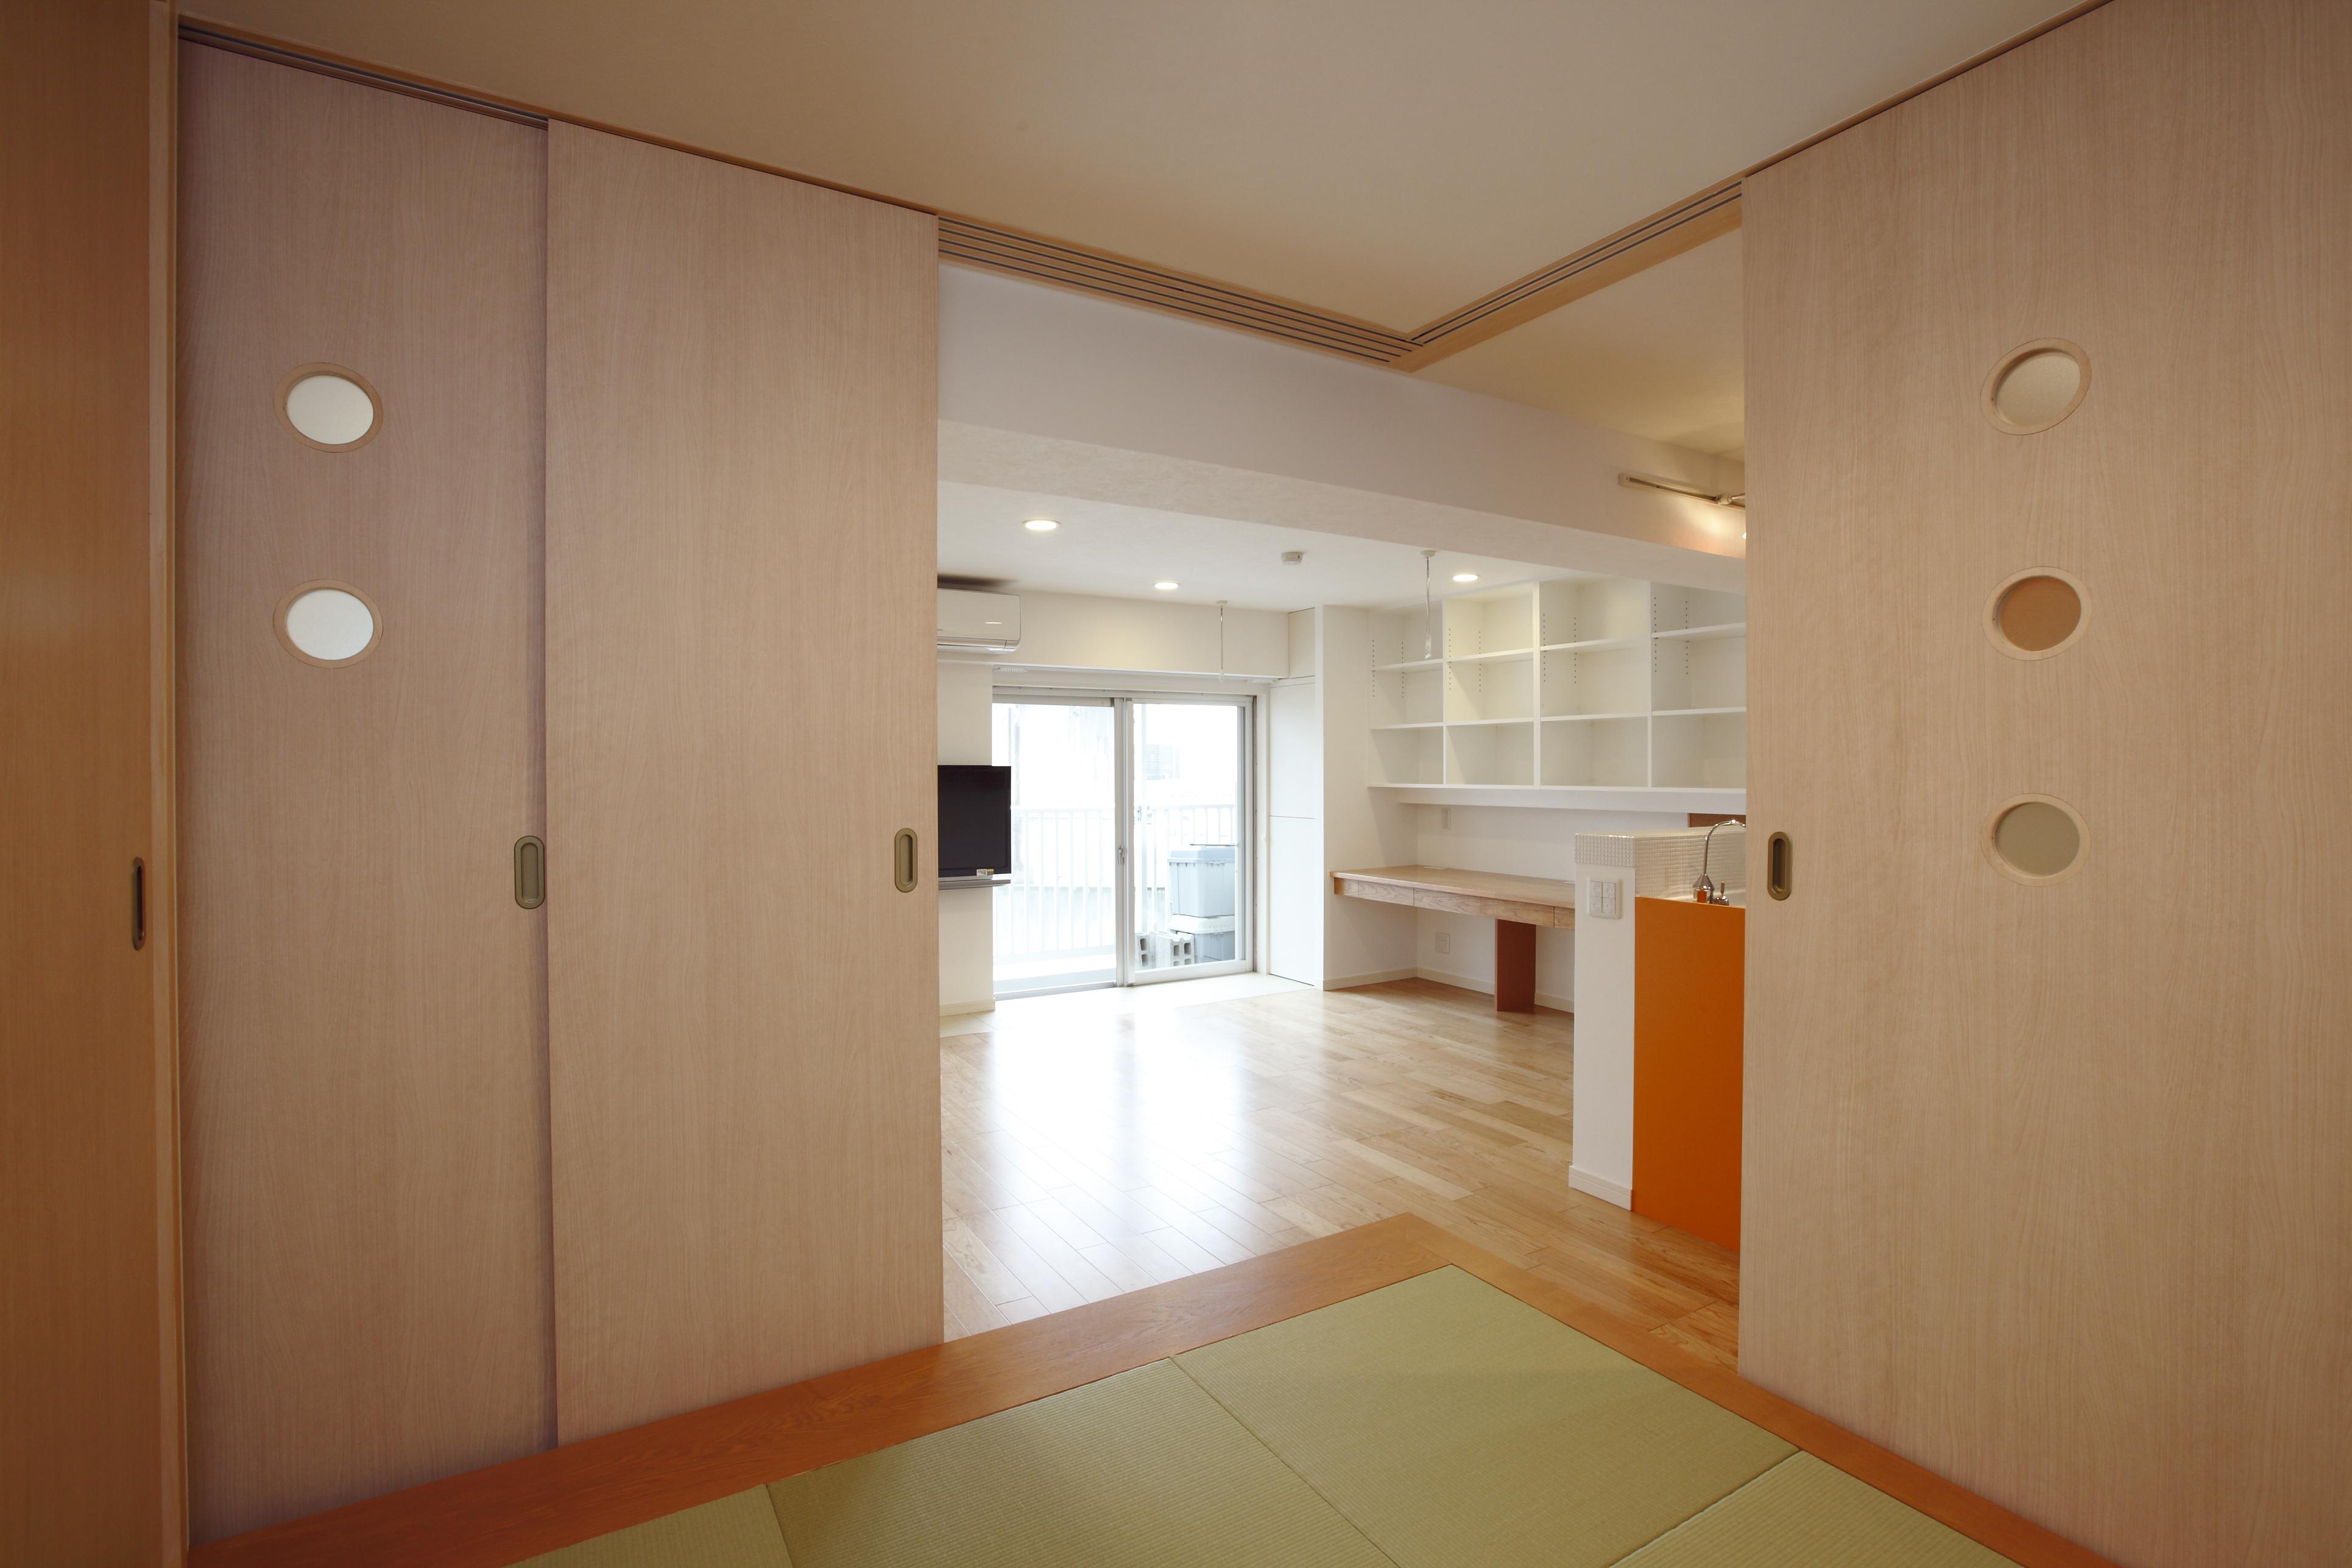 個室、和室、畳部屋、小上がり、和モダン、和風、リノベーション東京